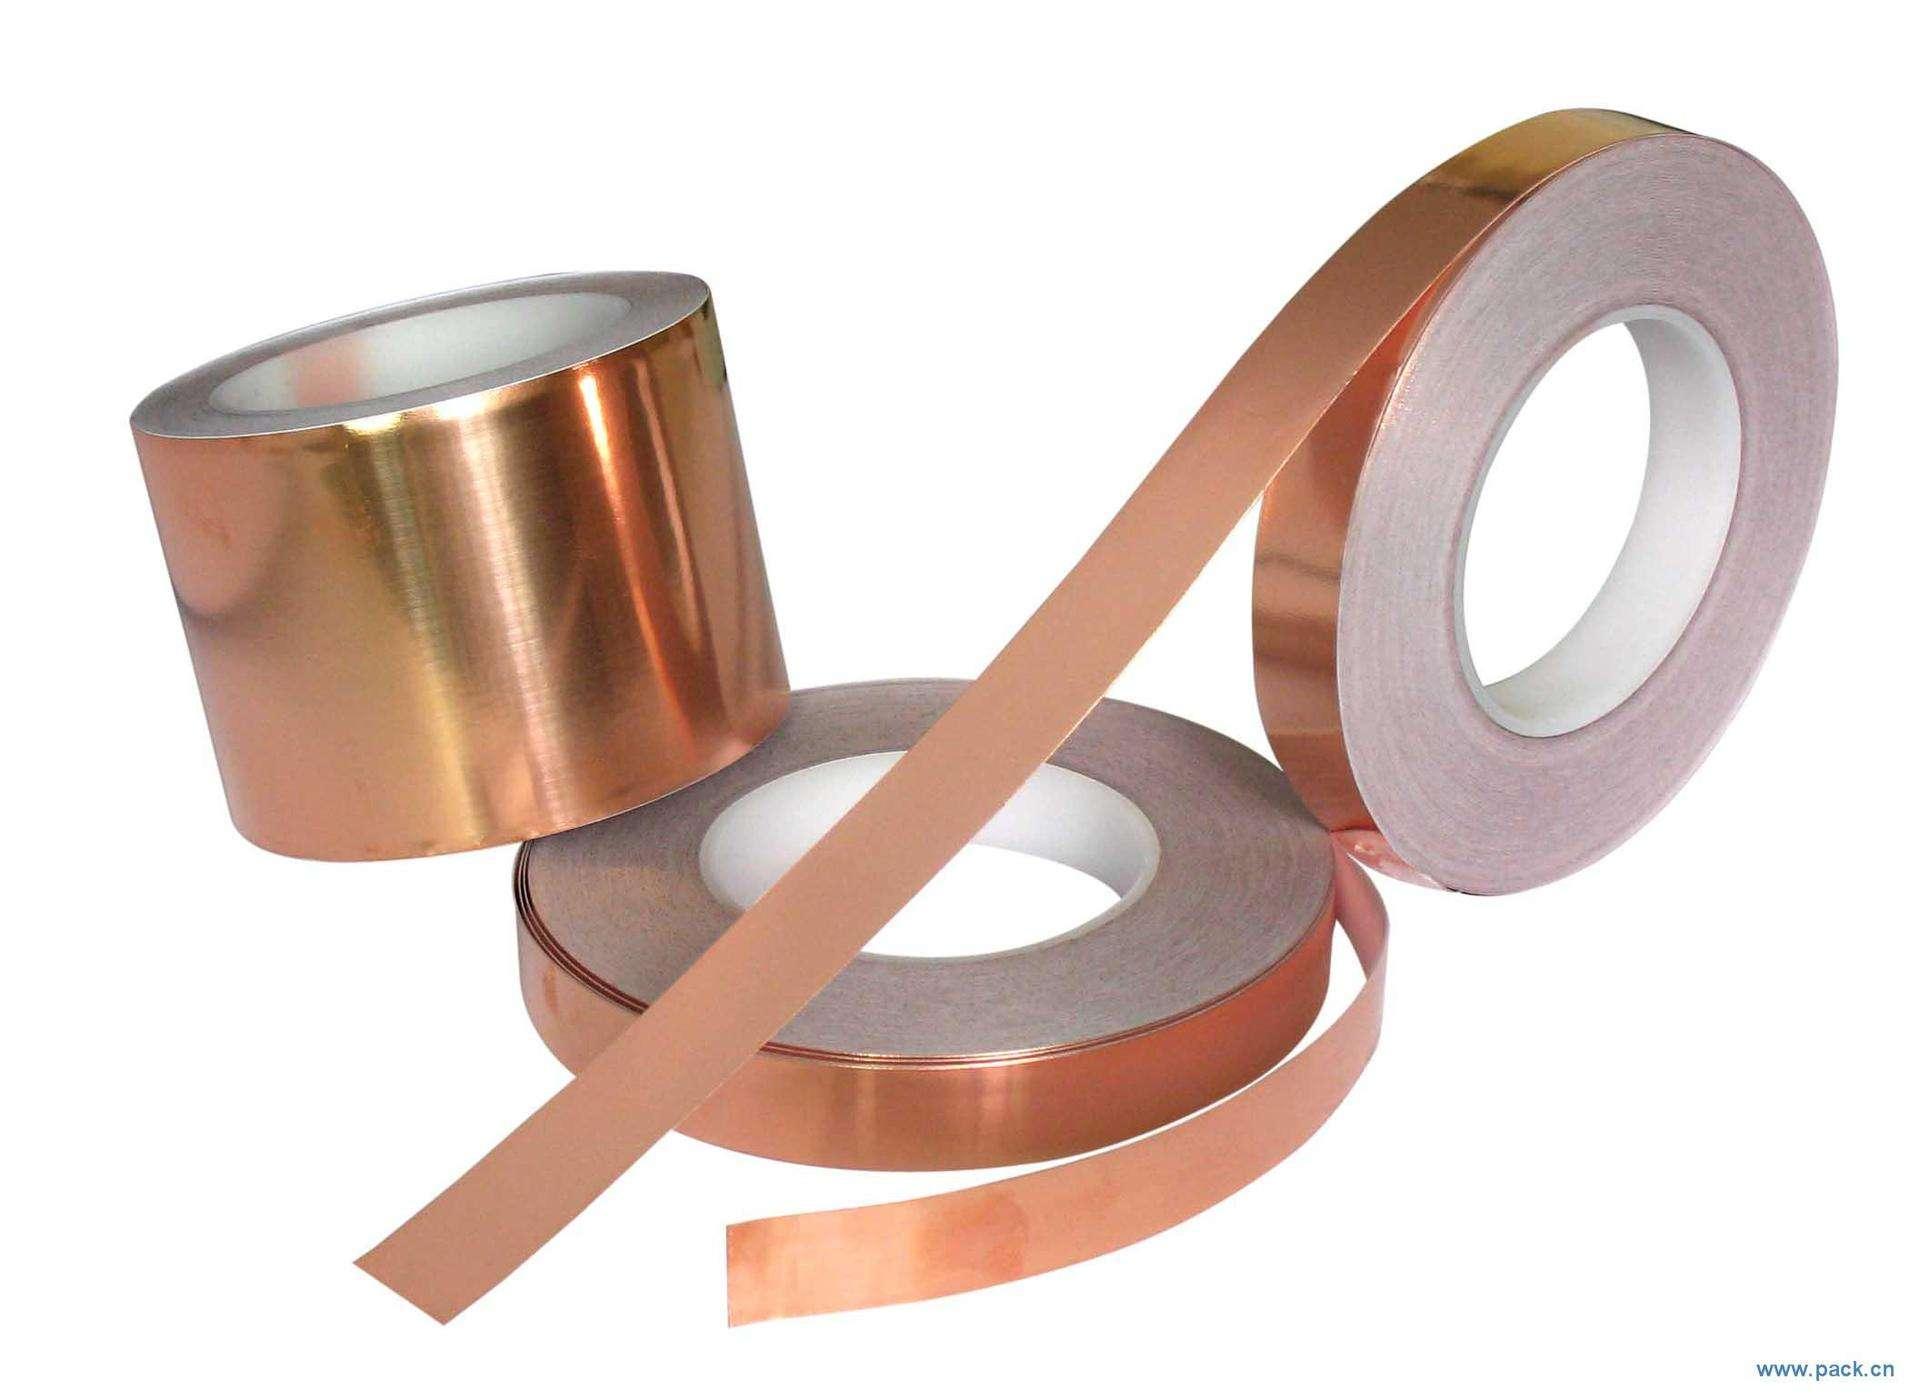 【哈尔滨保温材料厂家直销 铝箔胶带】 - 其他胶带 - 北极网